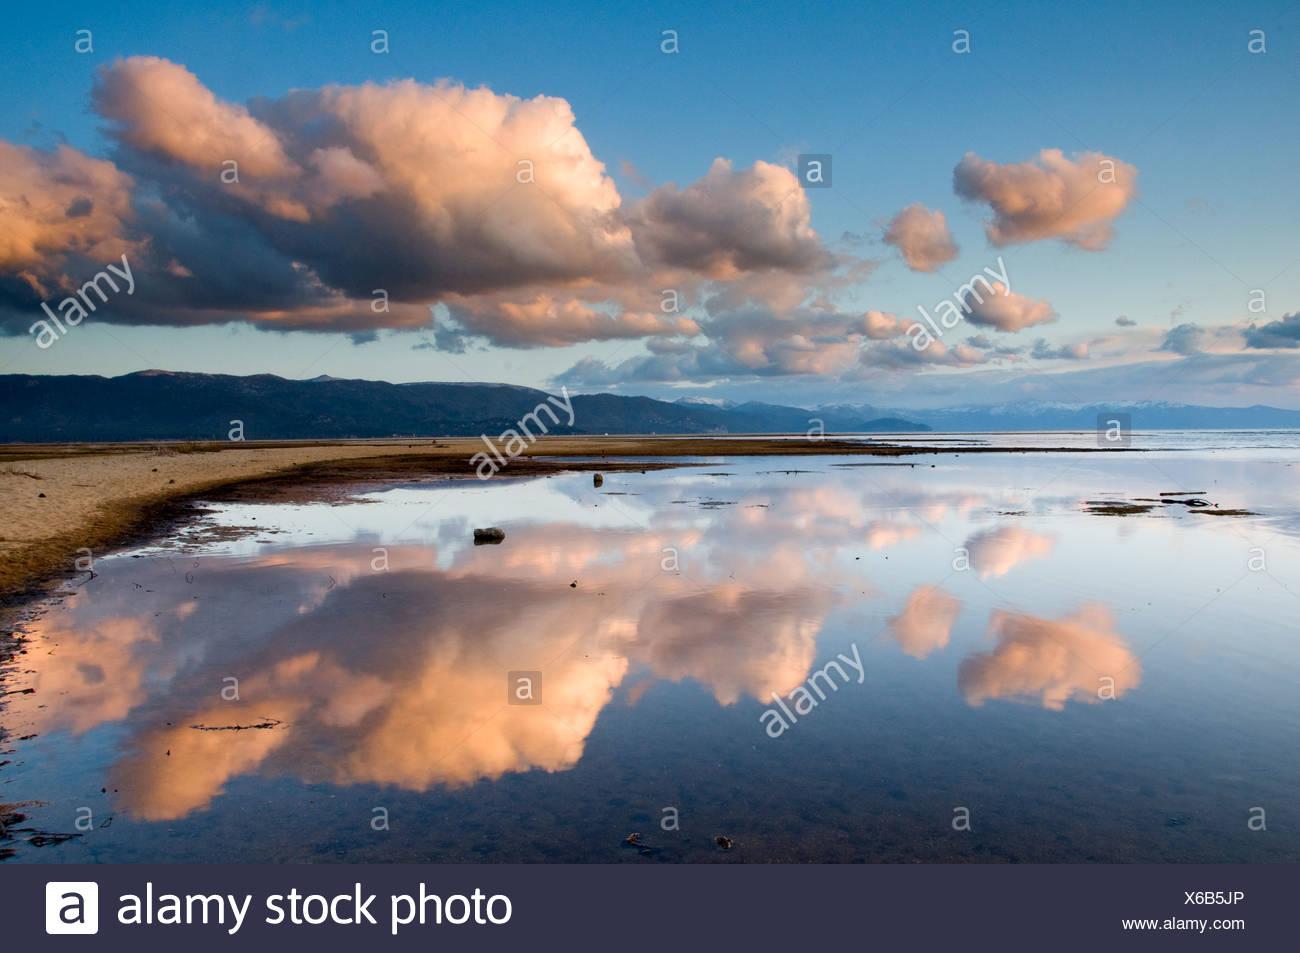 Grandi nuvole riflettono in Lake Tahoe nel tardo pomeriggio di luce, California. Immagini Stock